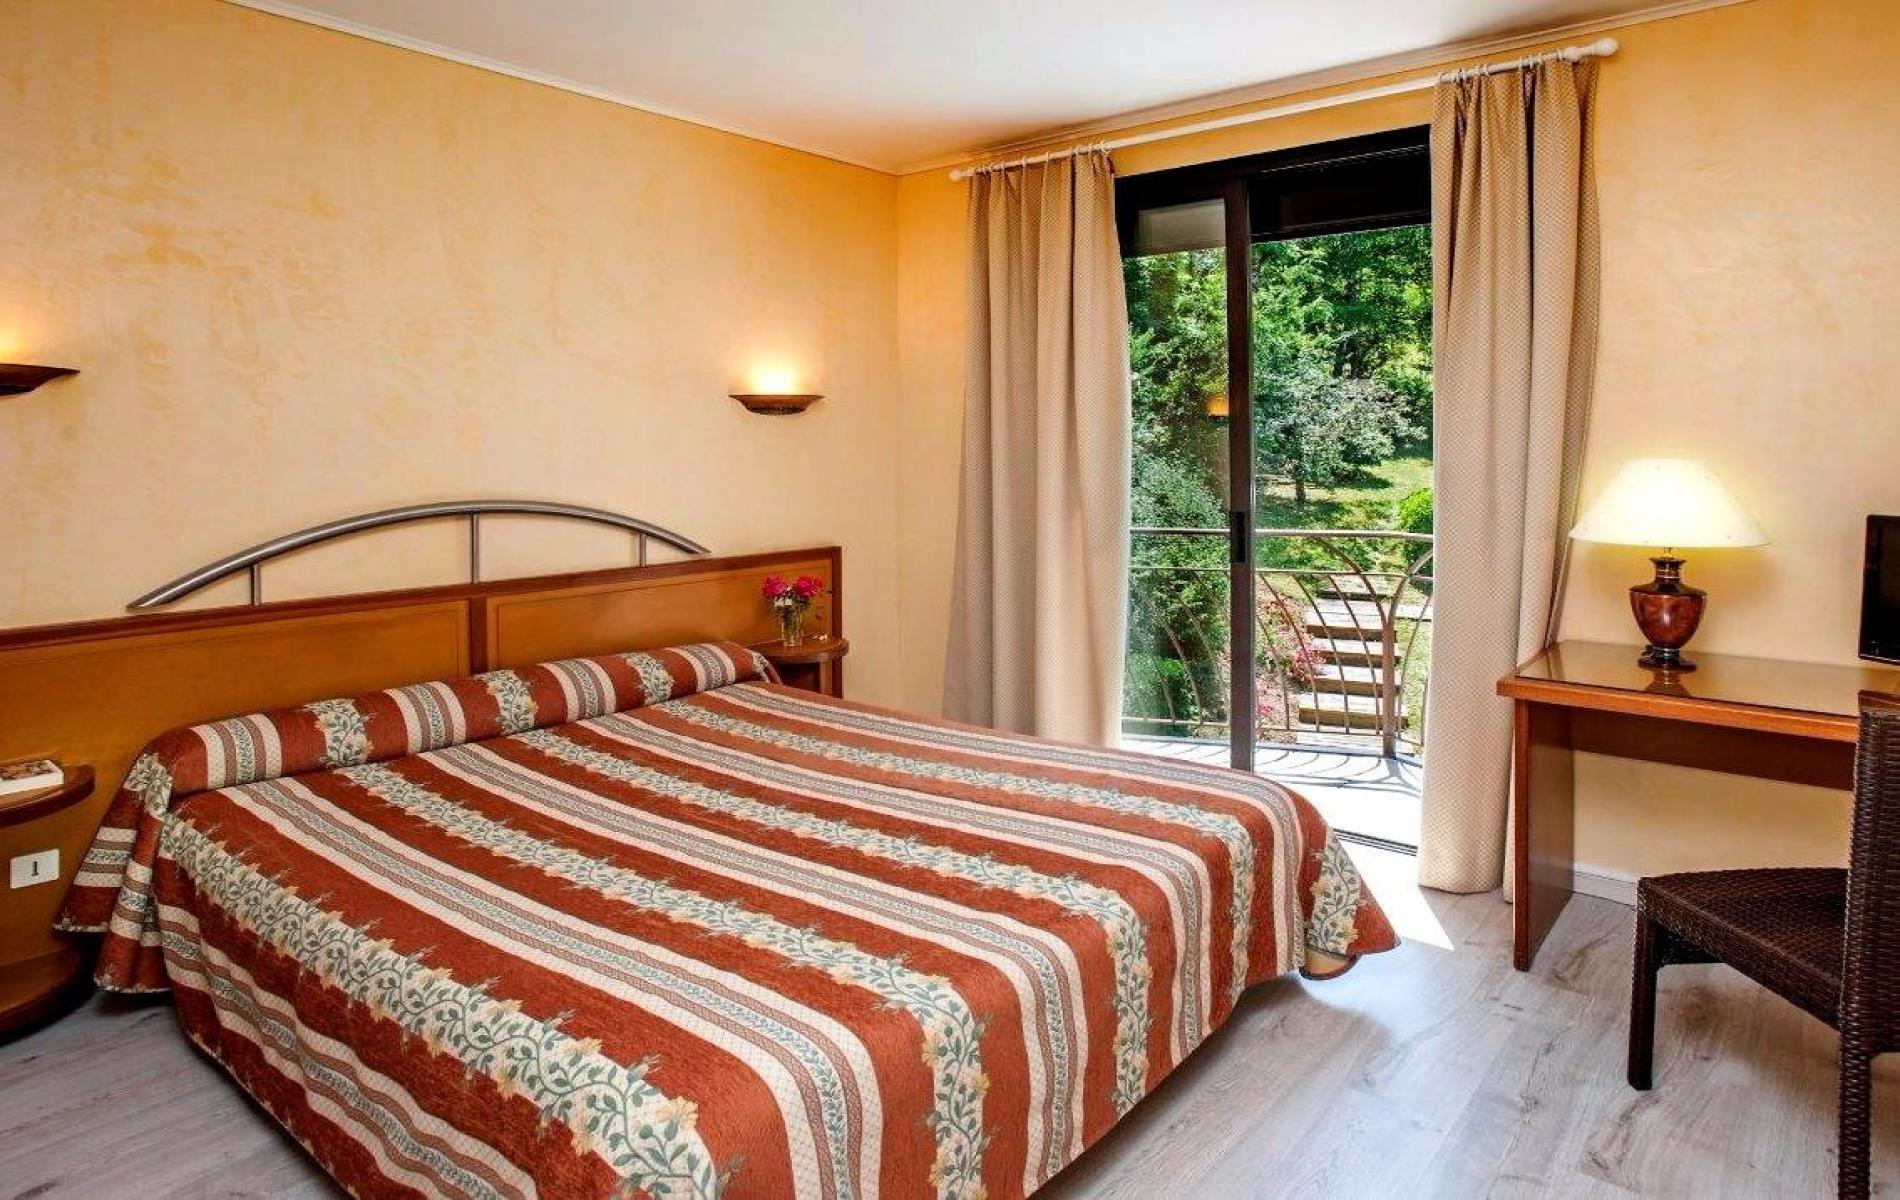 Chambre supérieure avec lit double 160 x 190 et balcon